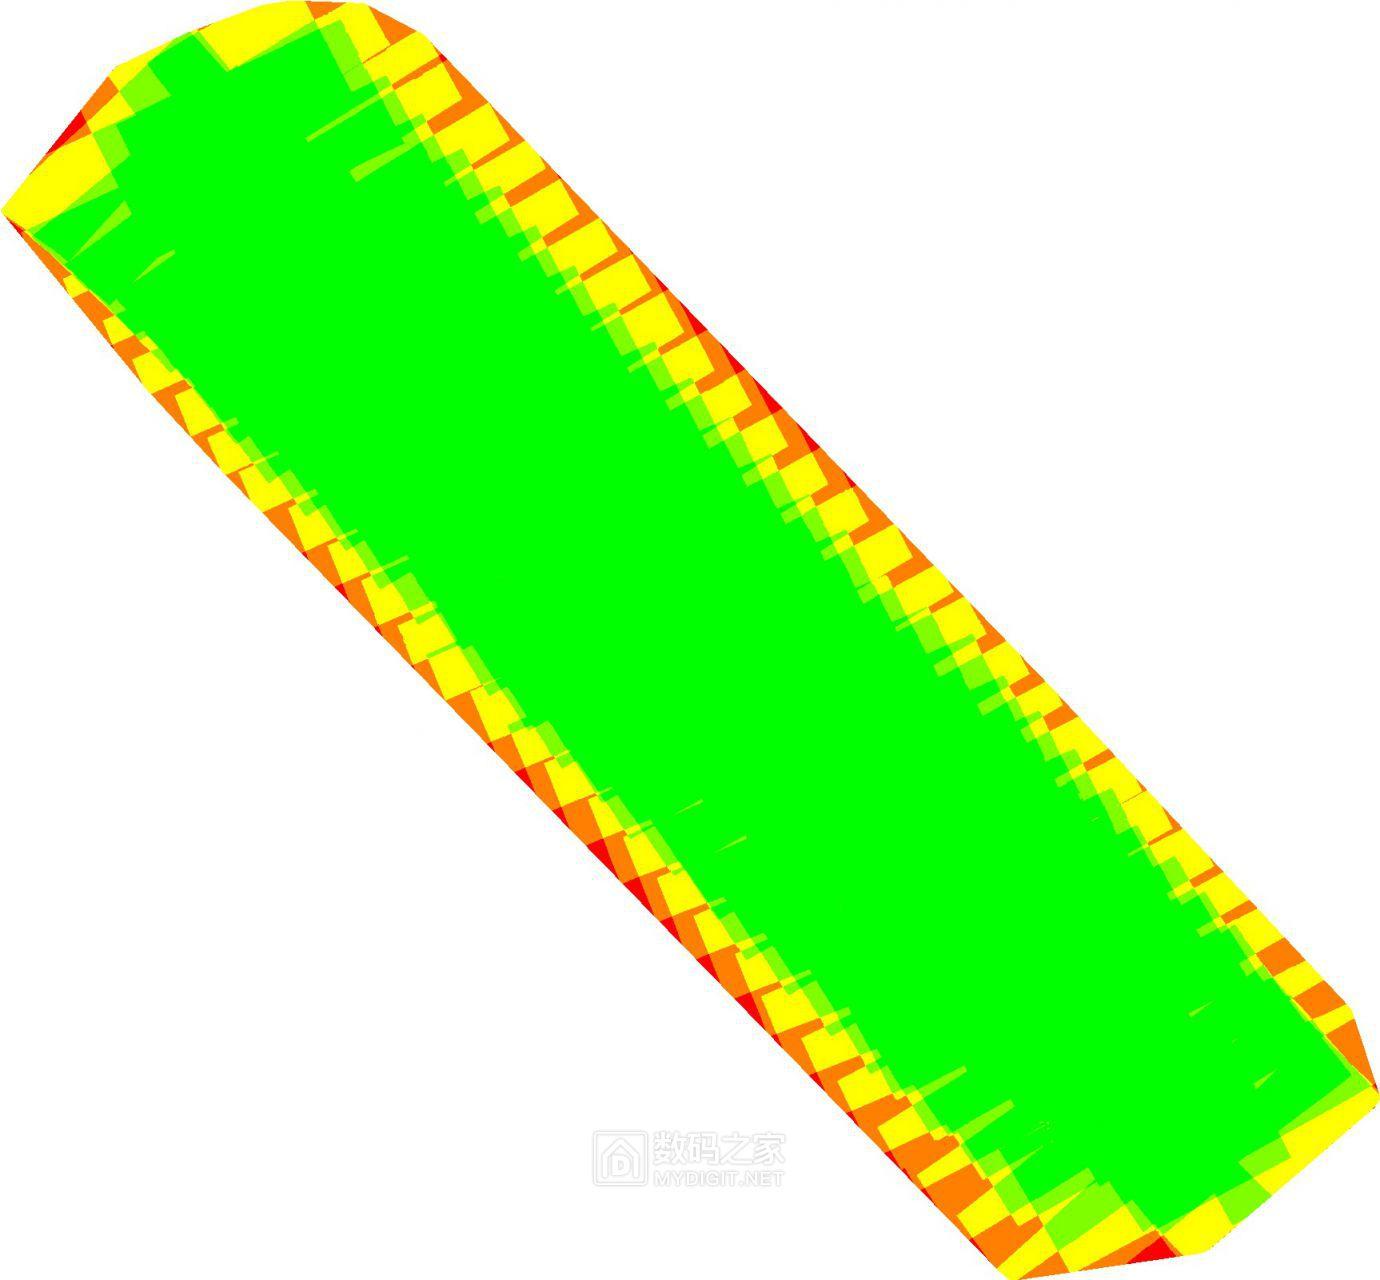 orthomosaic_overlap.jpg